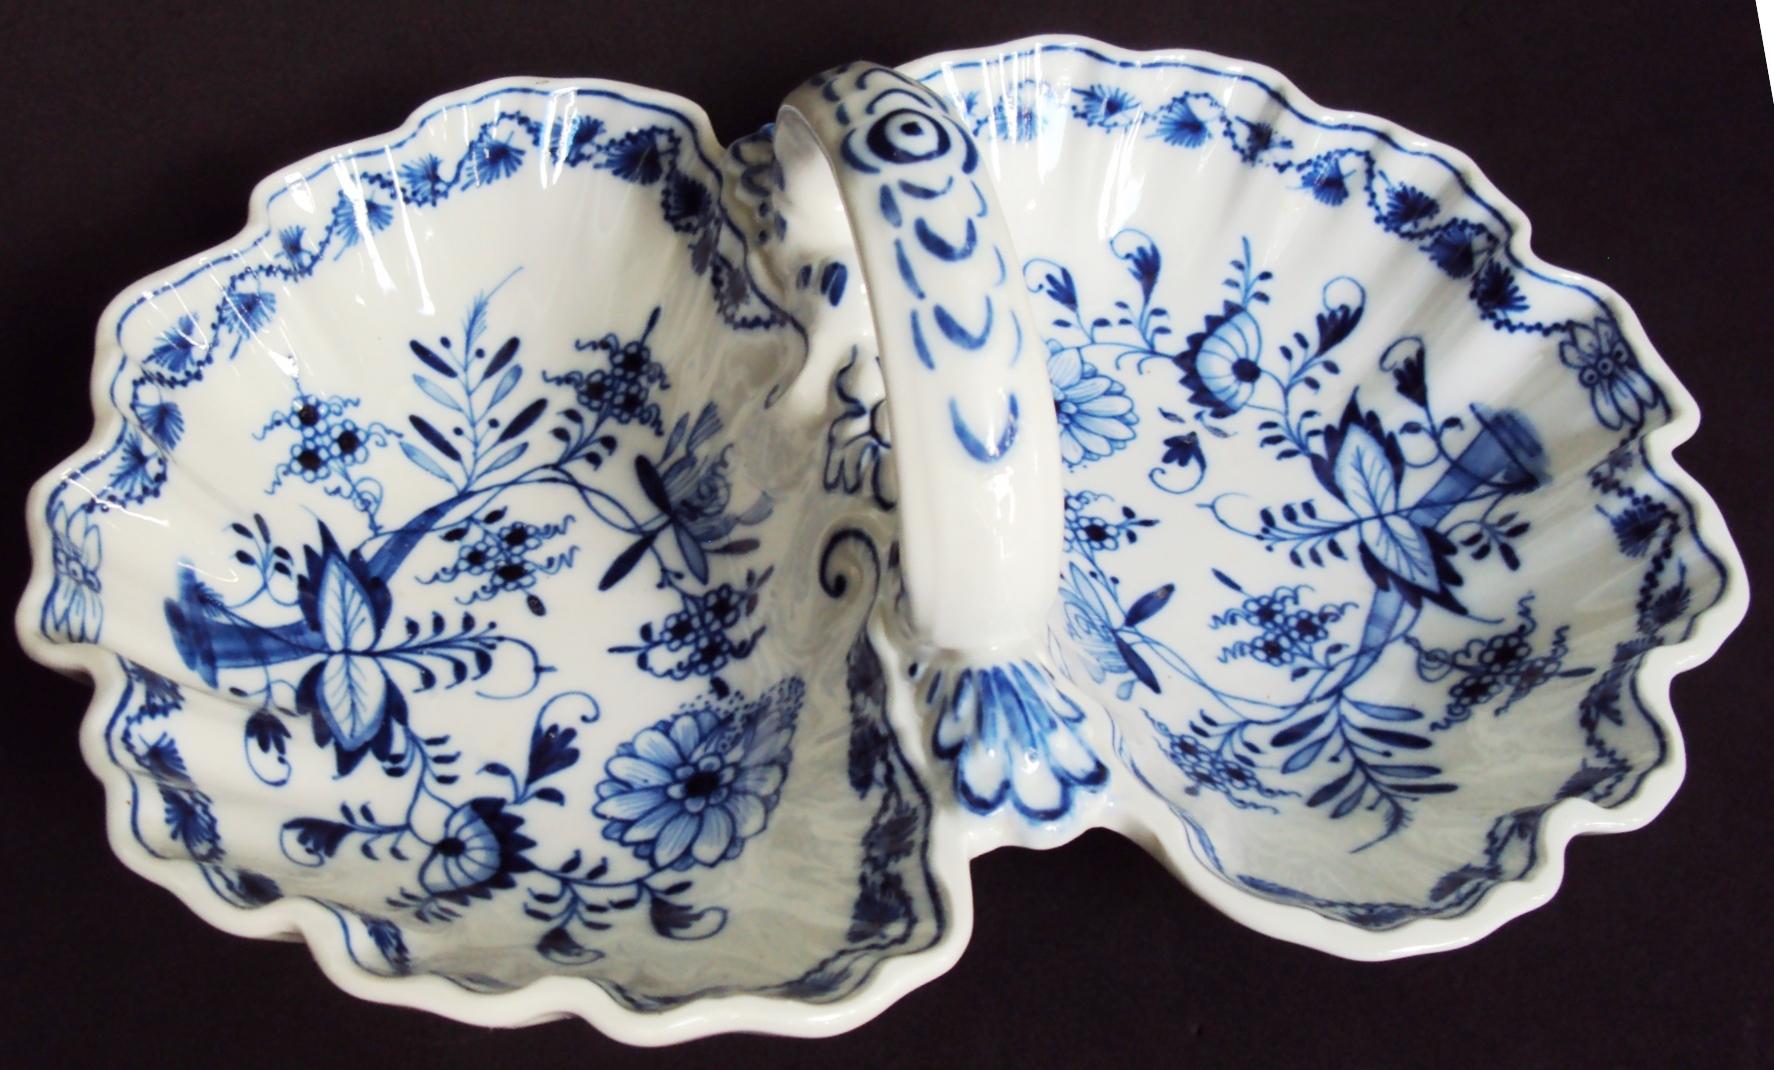 LO 86 – Petisqueira antiga formato de conchas em porcelana alemã Meissen cebolinha azul cobalto